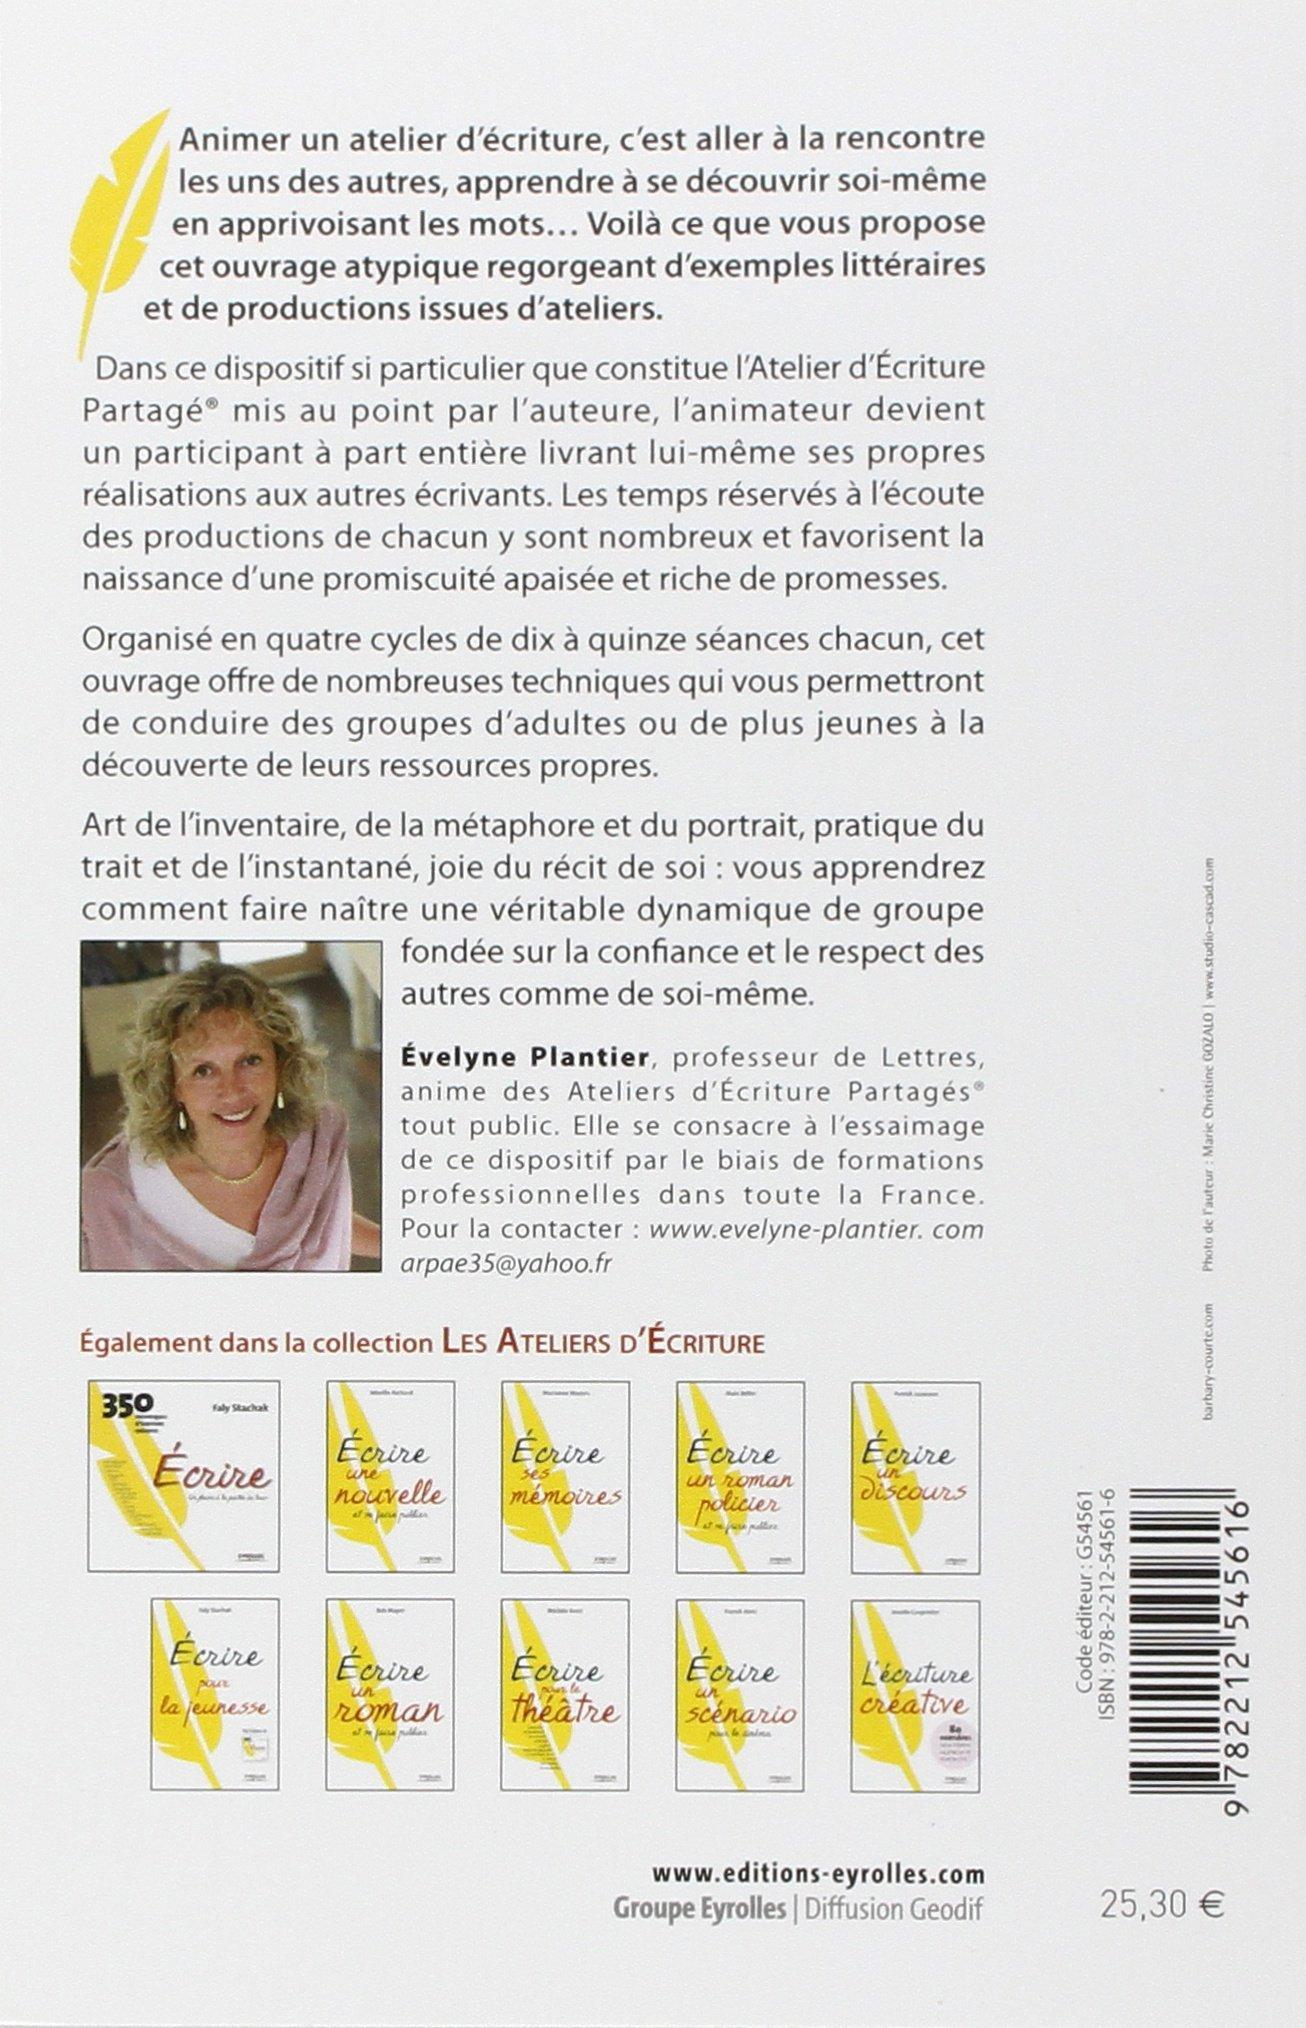 Amazon.fr - Savoir animer un atelier d'écriture - Evelyne PLANTIER - Livres